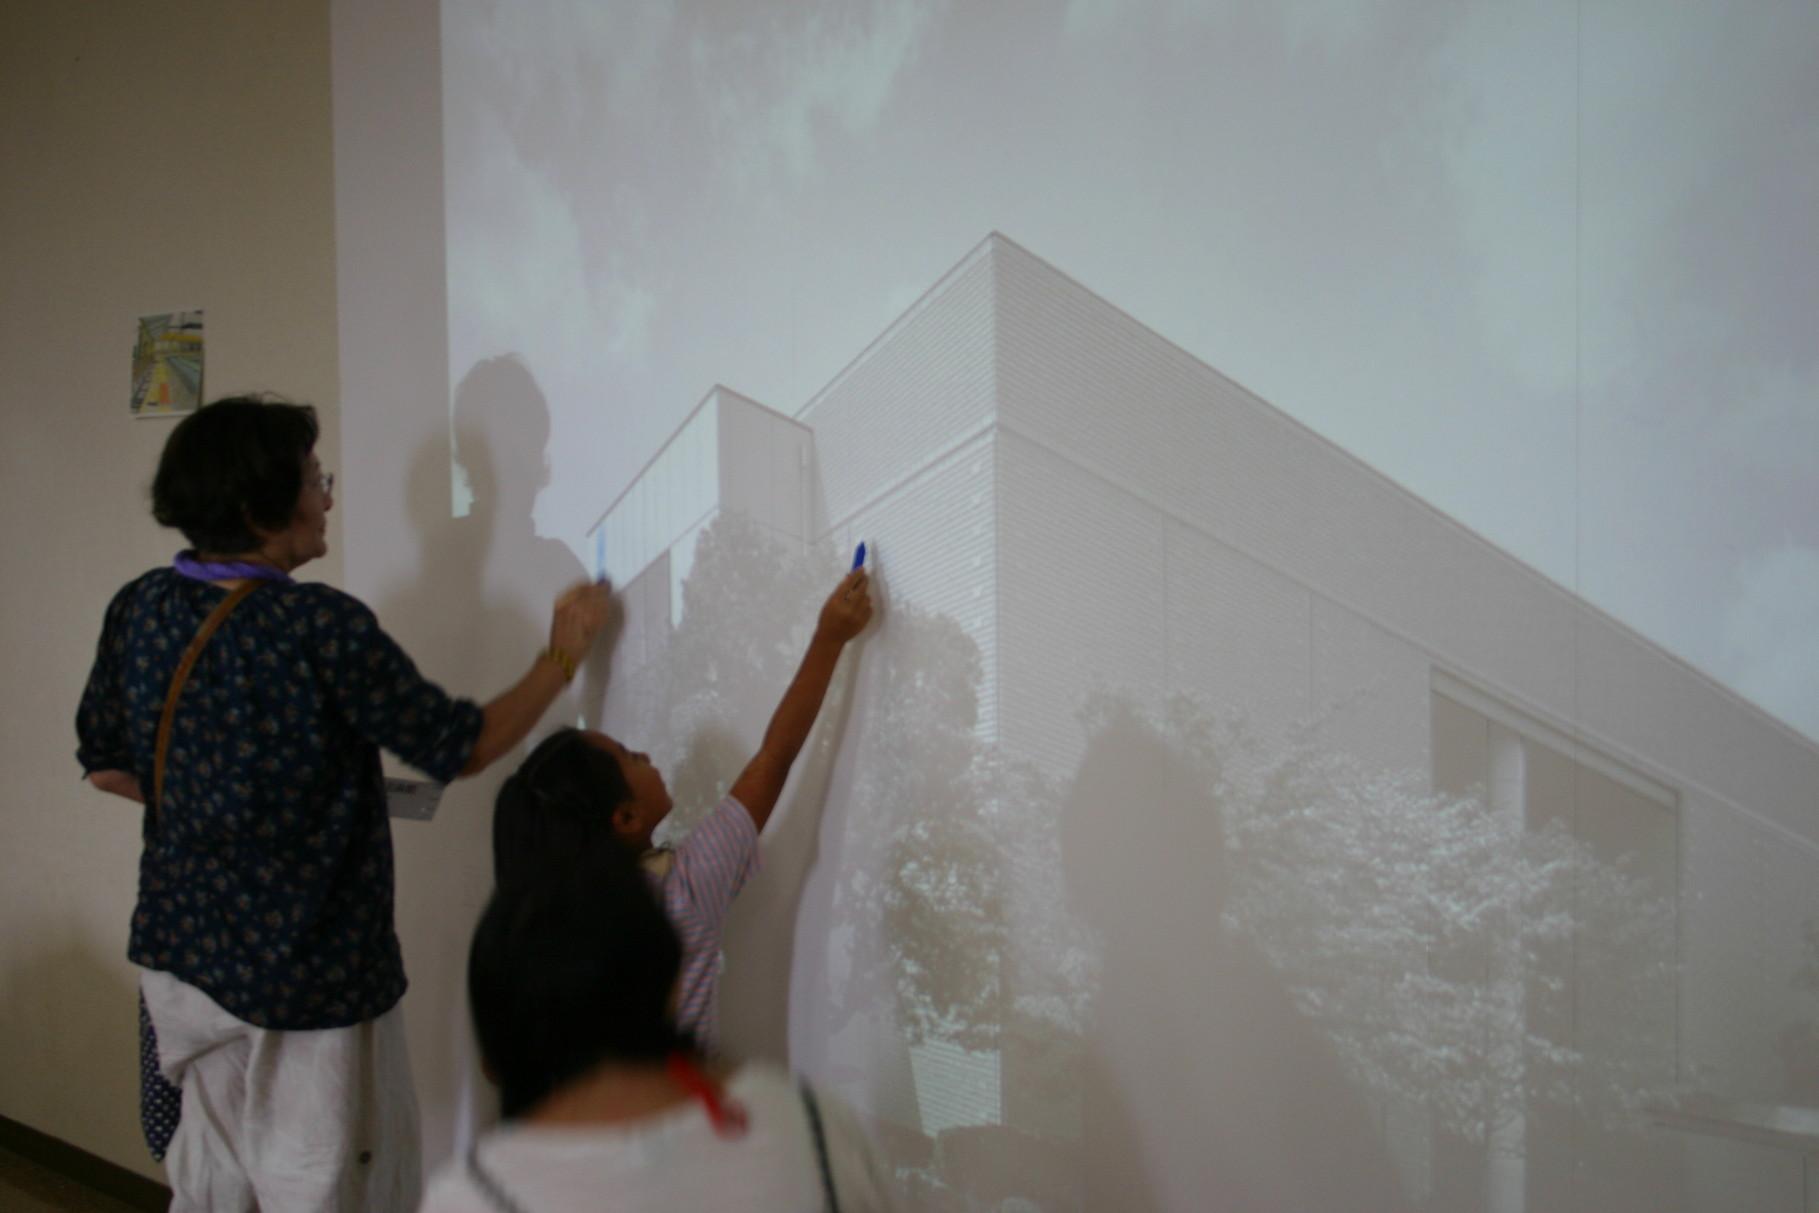 プロジェクターで大きくうつしだした刈谷市美術館の外観にらくがきをする。